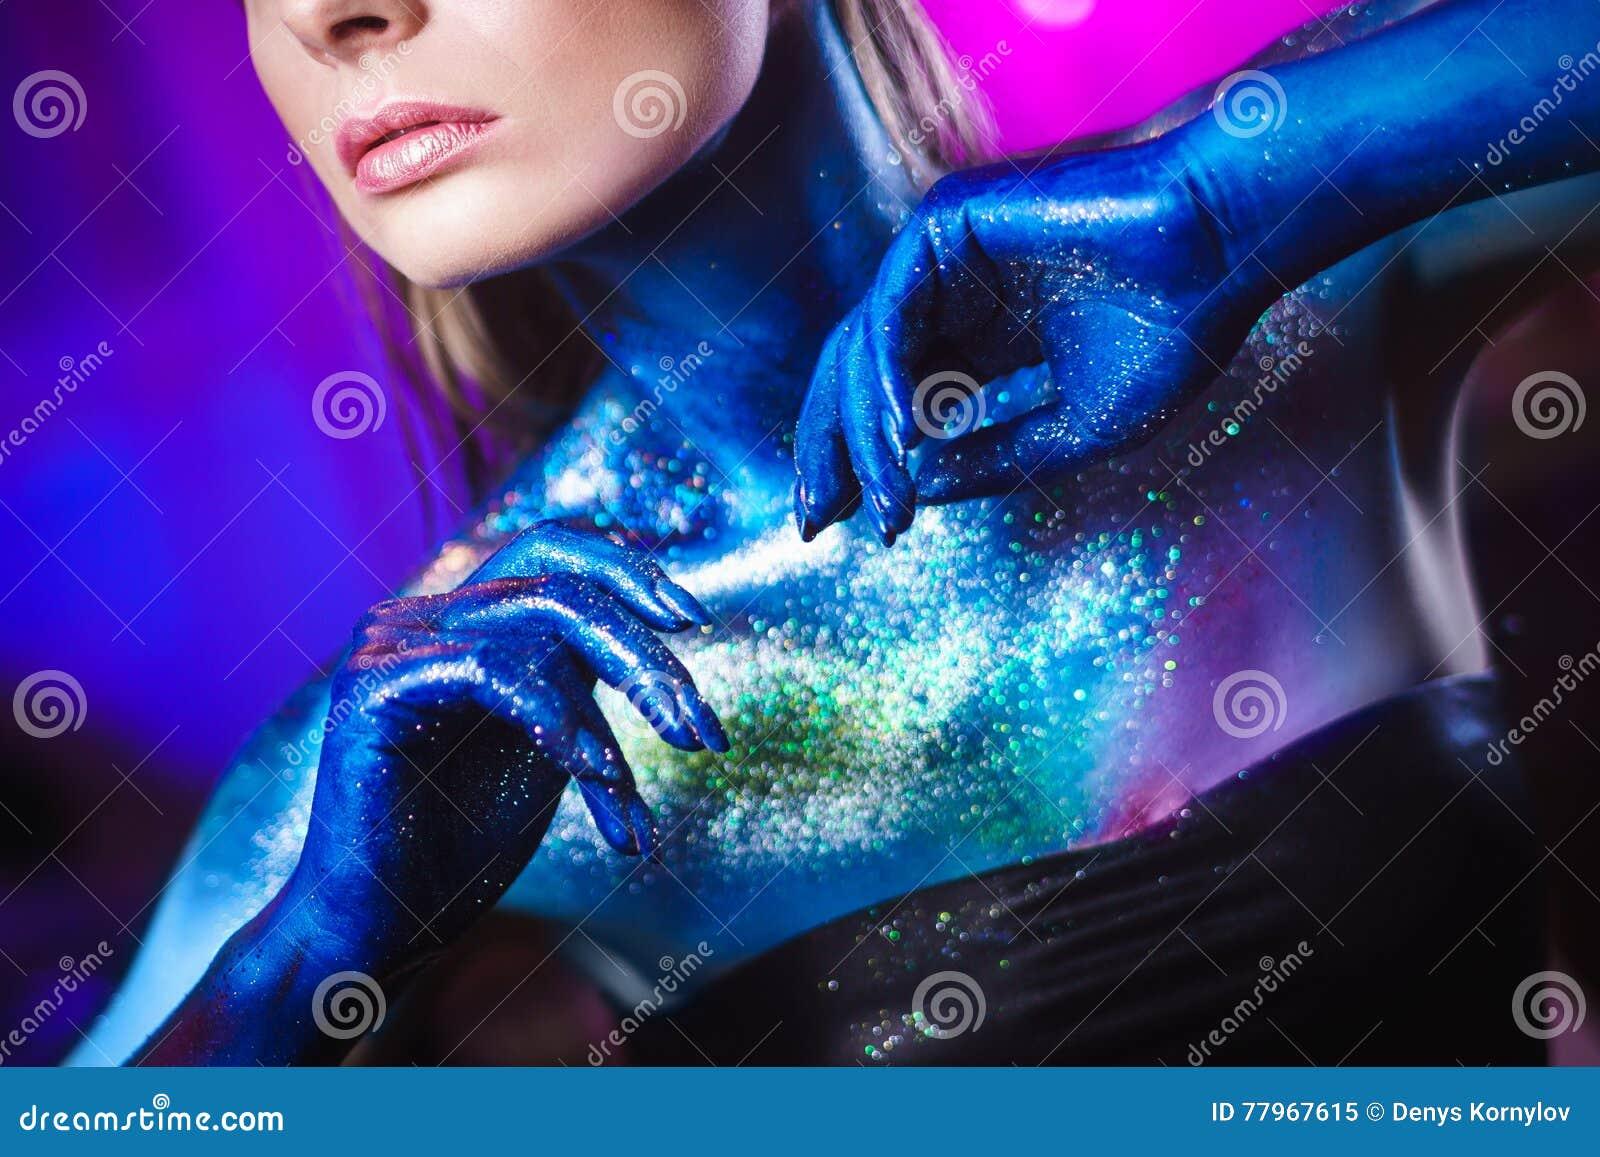 Retrato da mulher bonita pintado com cores cósmicas e spangled